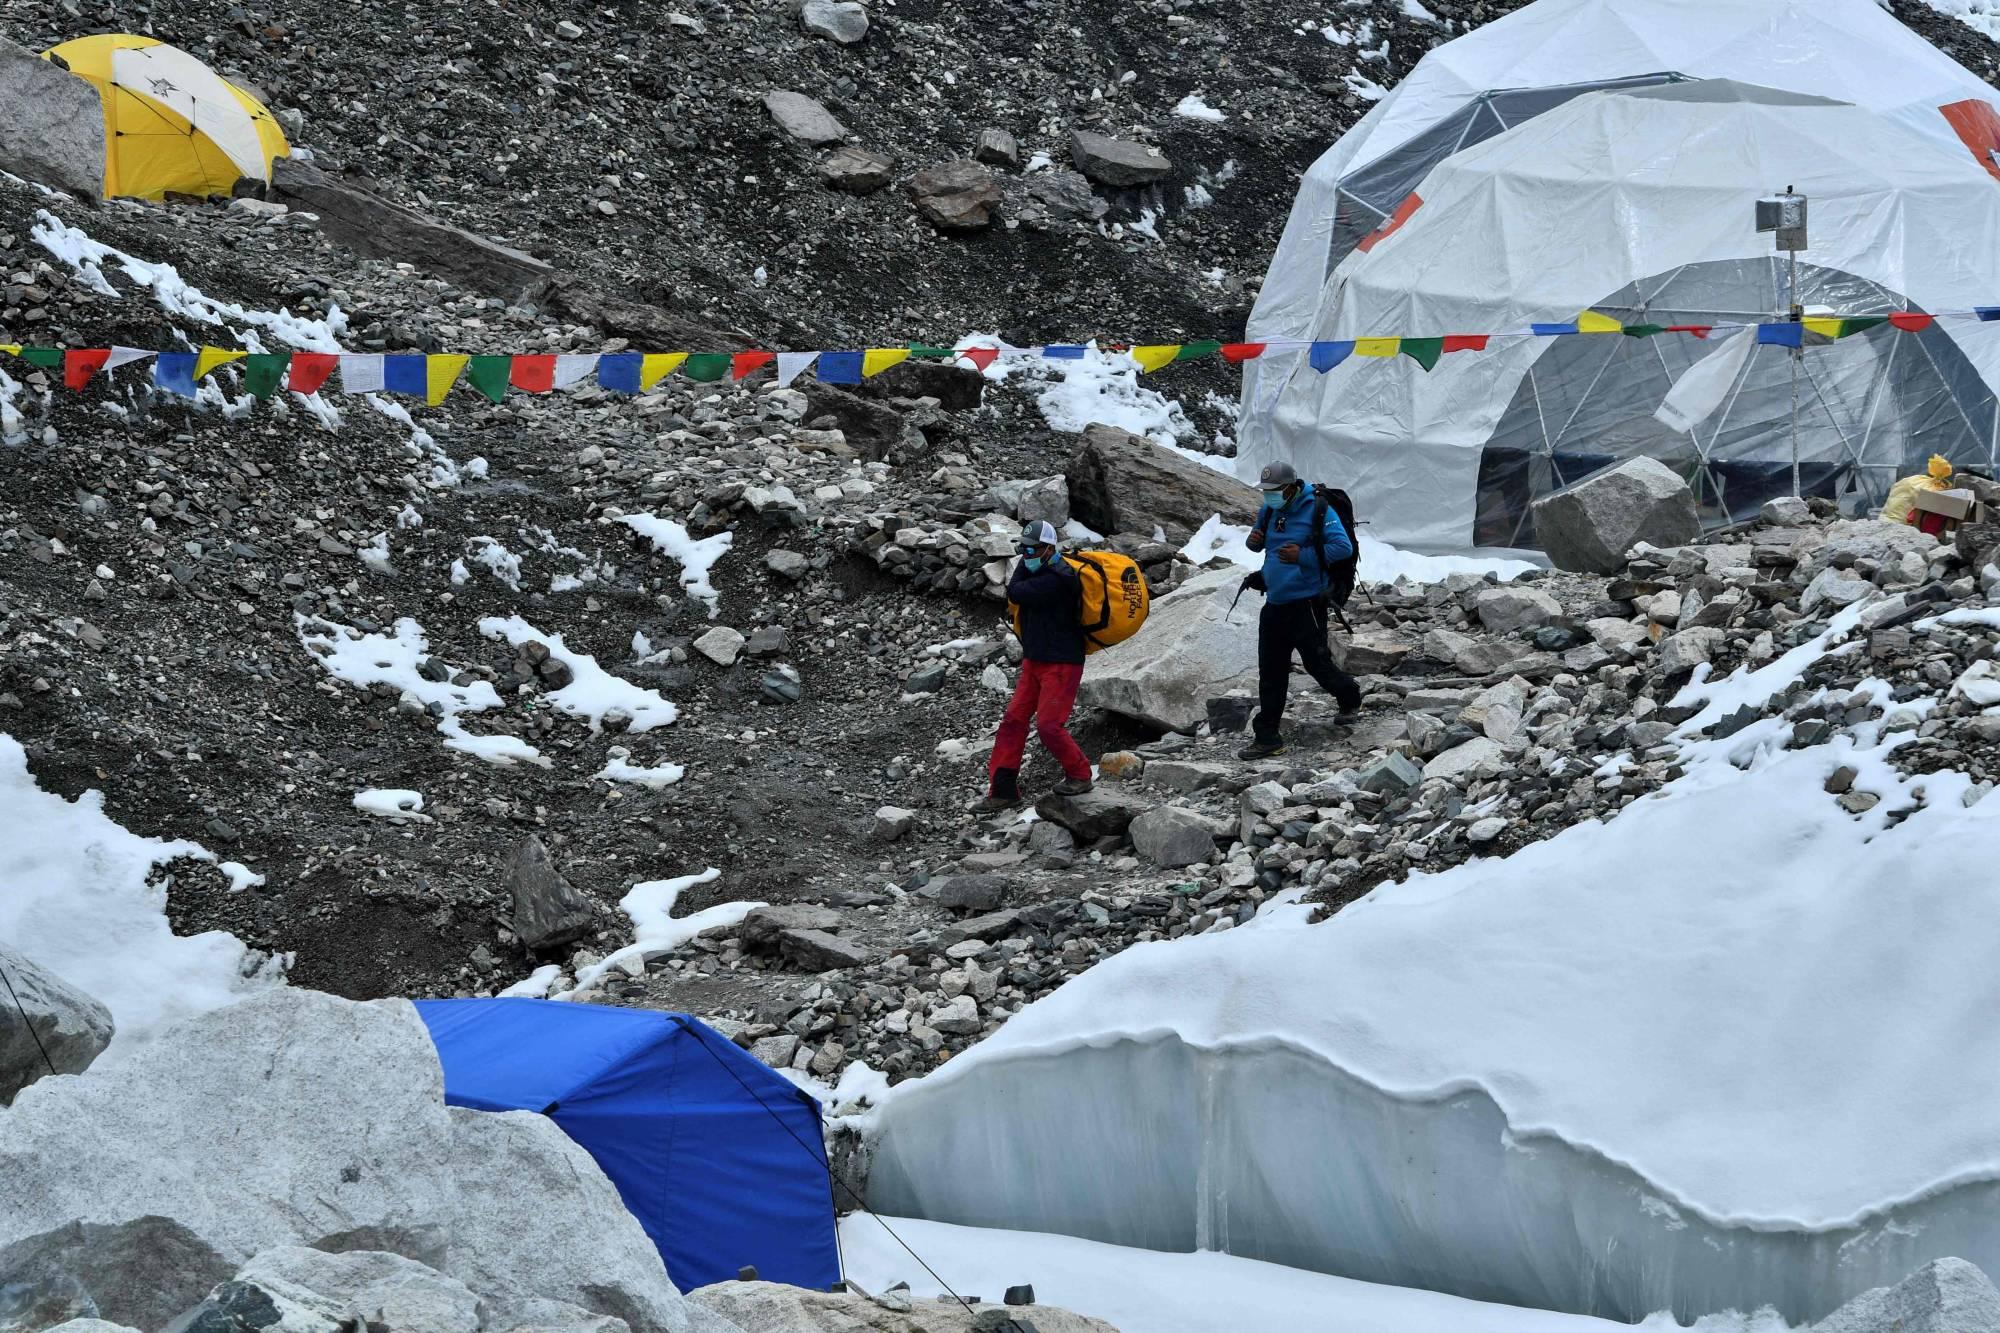 Một số thành viên đoàn leo núi Everest tại trạm dừng ngày 1/5. Ảnh: AFP-JiJi